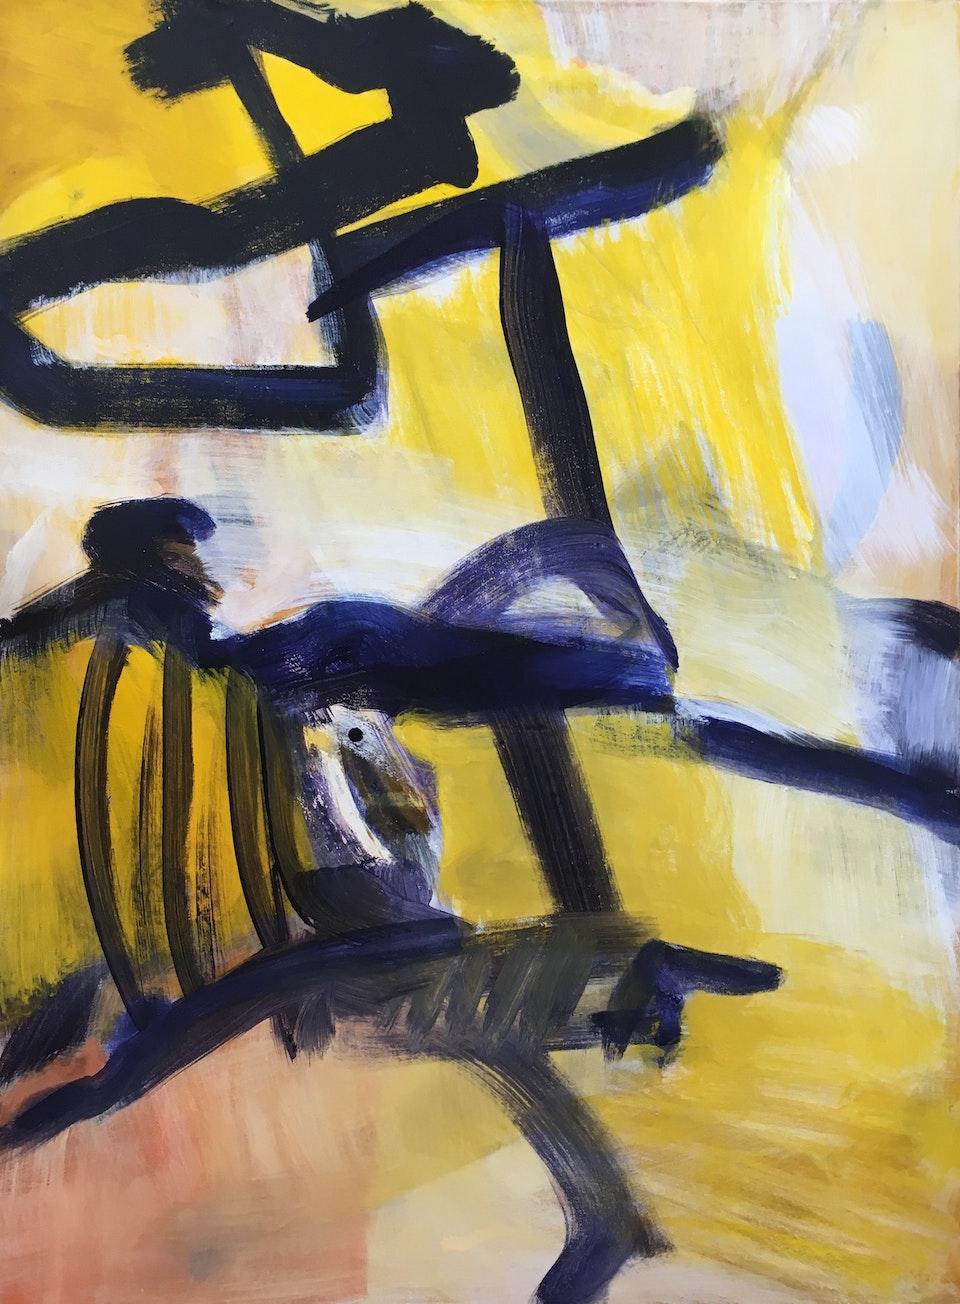 KAM-SA - KAM- SA (jord) 130 x 97 cm